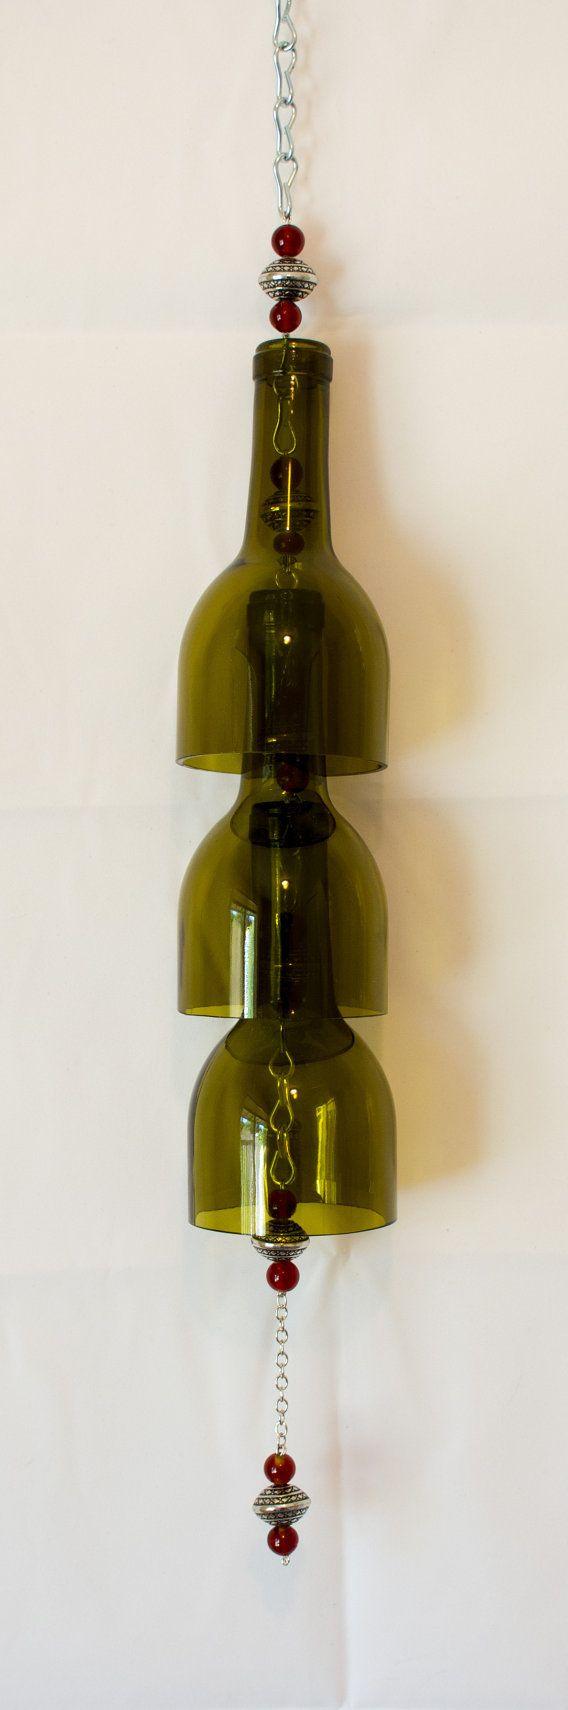 Best 25+ Shipping wine ideas on Pinterest   Wine racks uk, Server ...